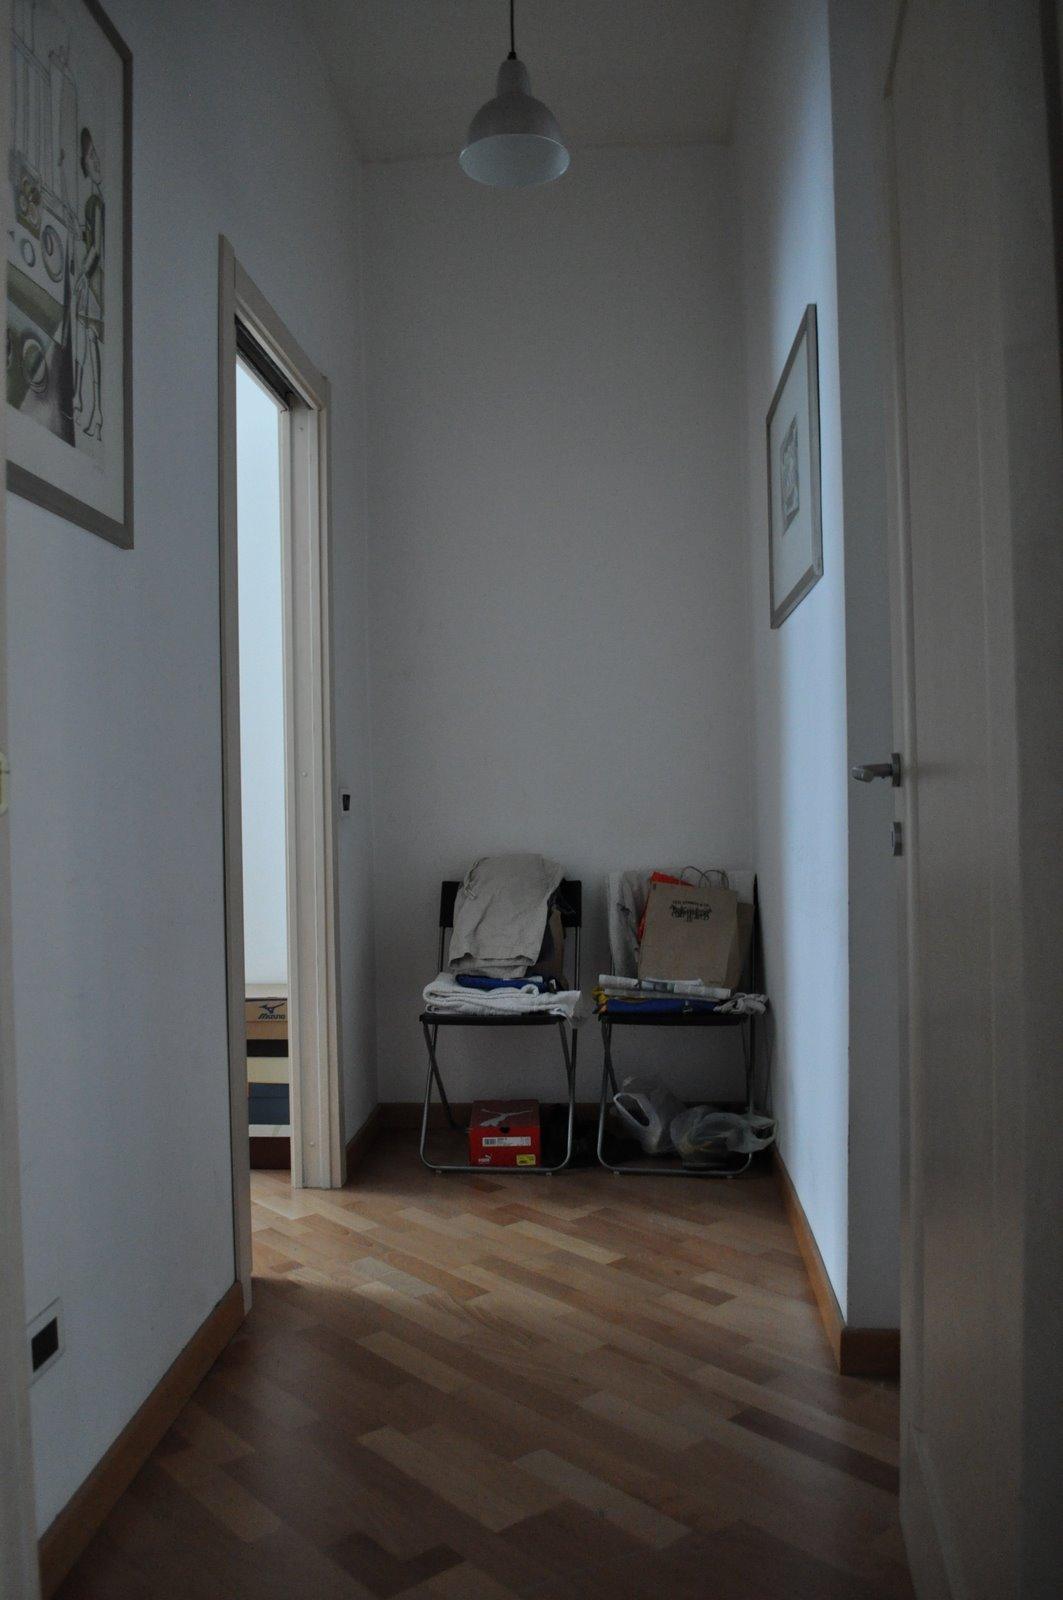 La camera da letto appartamento in vendita 88mq via - Camera da letto usata verona ...